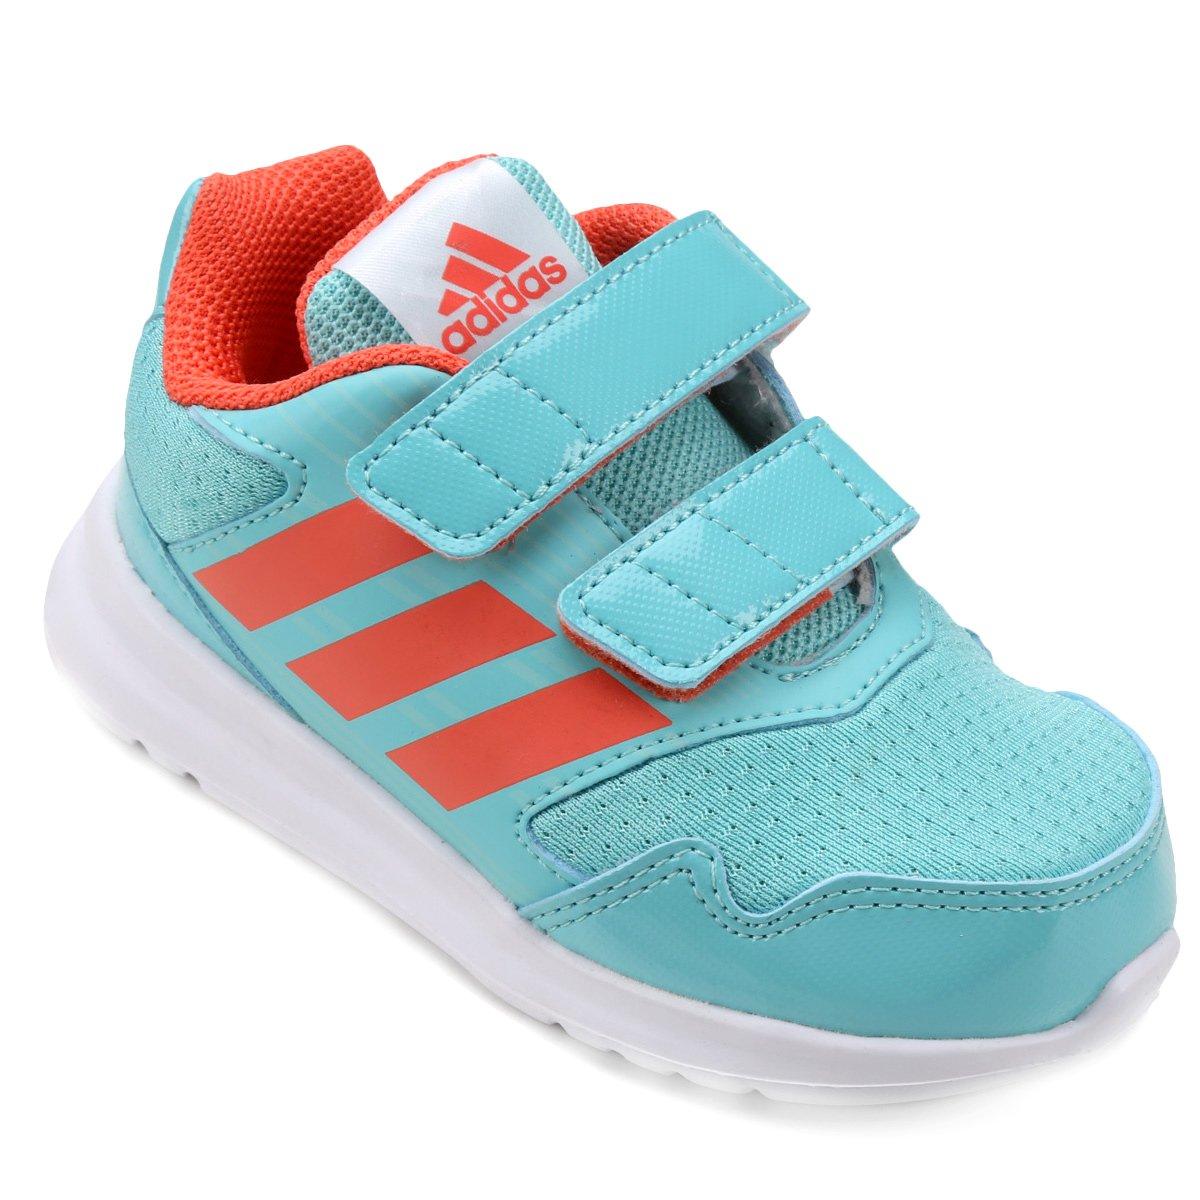 a9a35fce8 Tênis Adidas Altarun Cf Infantil - Compre Agora